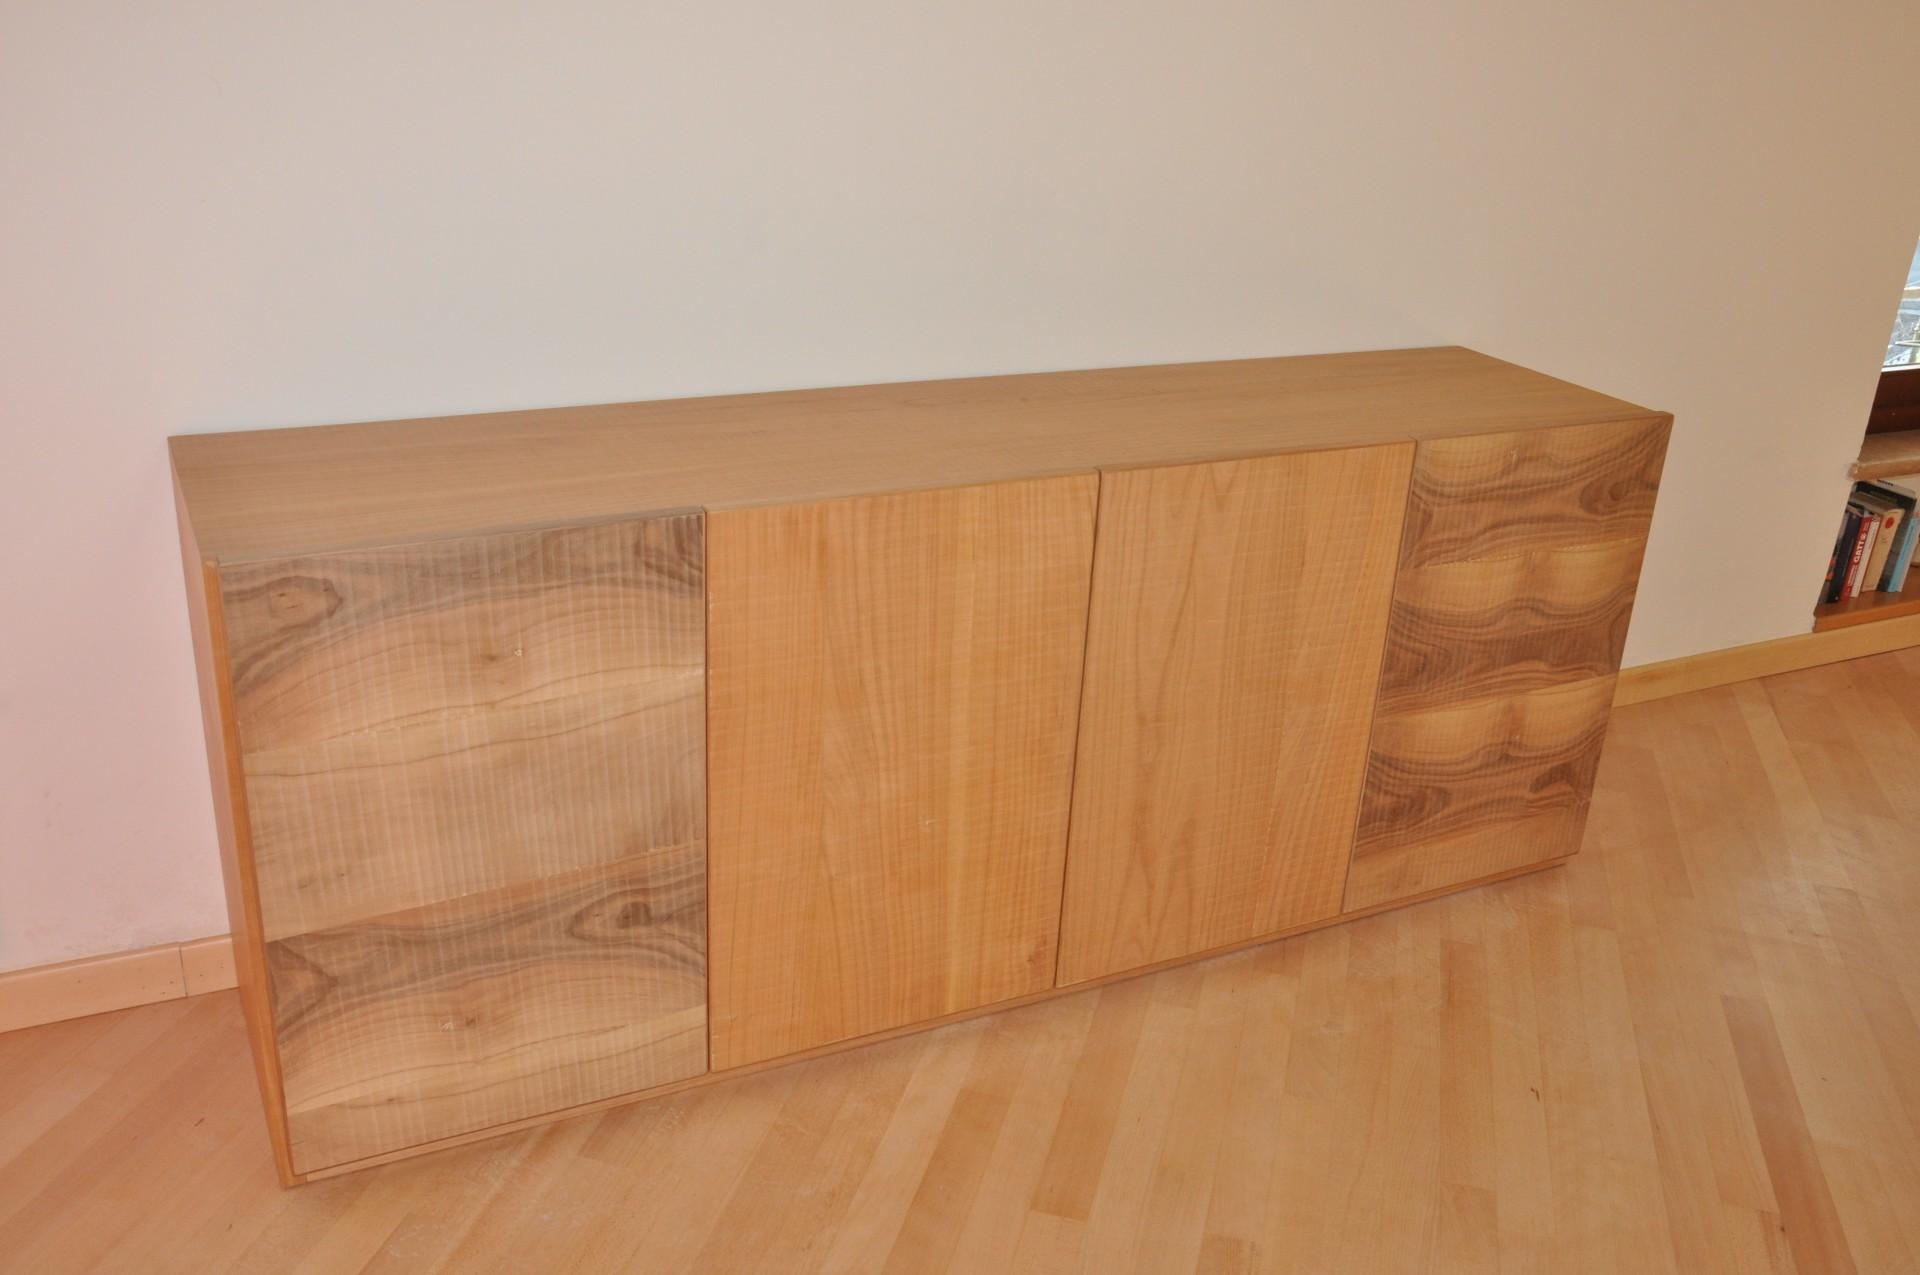 Credenza costruita su misura in legno laccato a mano fadini mobili cerea verona - Mobili legno naturale ...